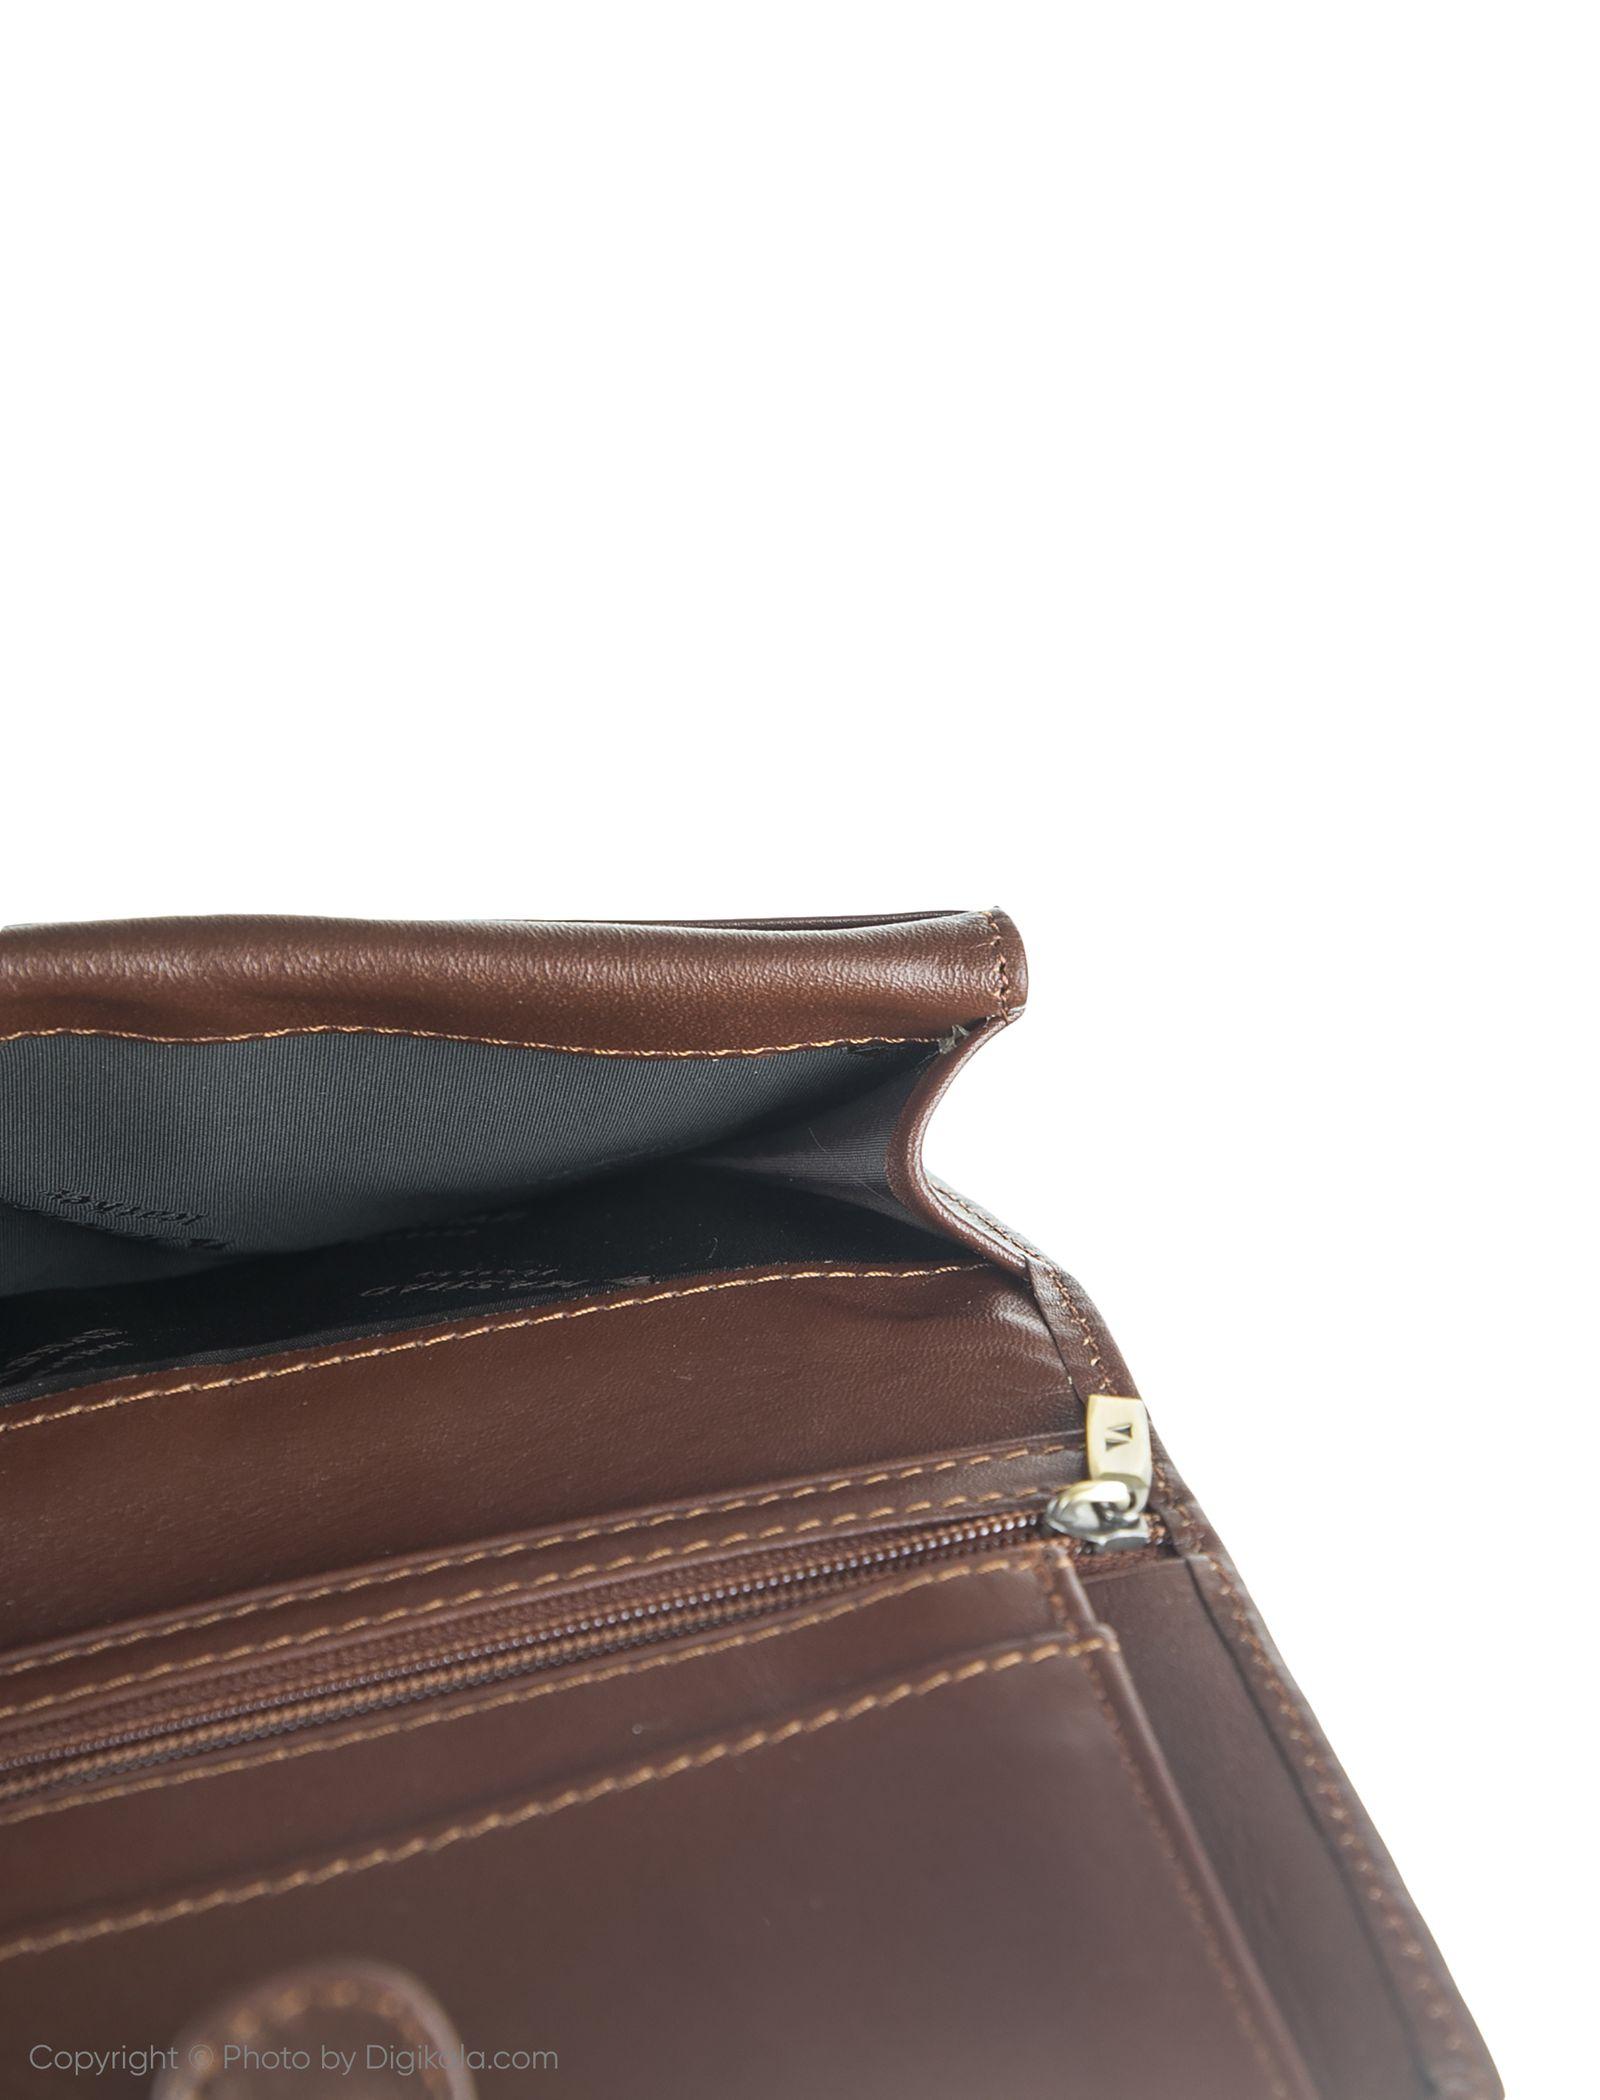 کیف پول مردانه چرم مشهد مدل D552 -  - 7